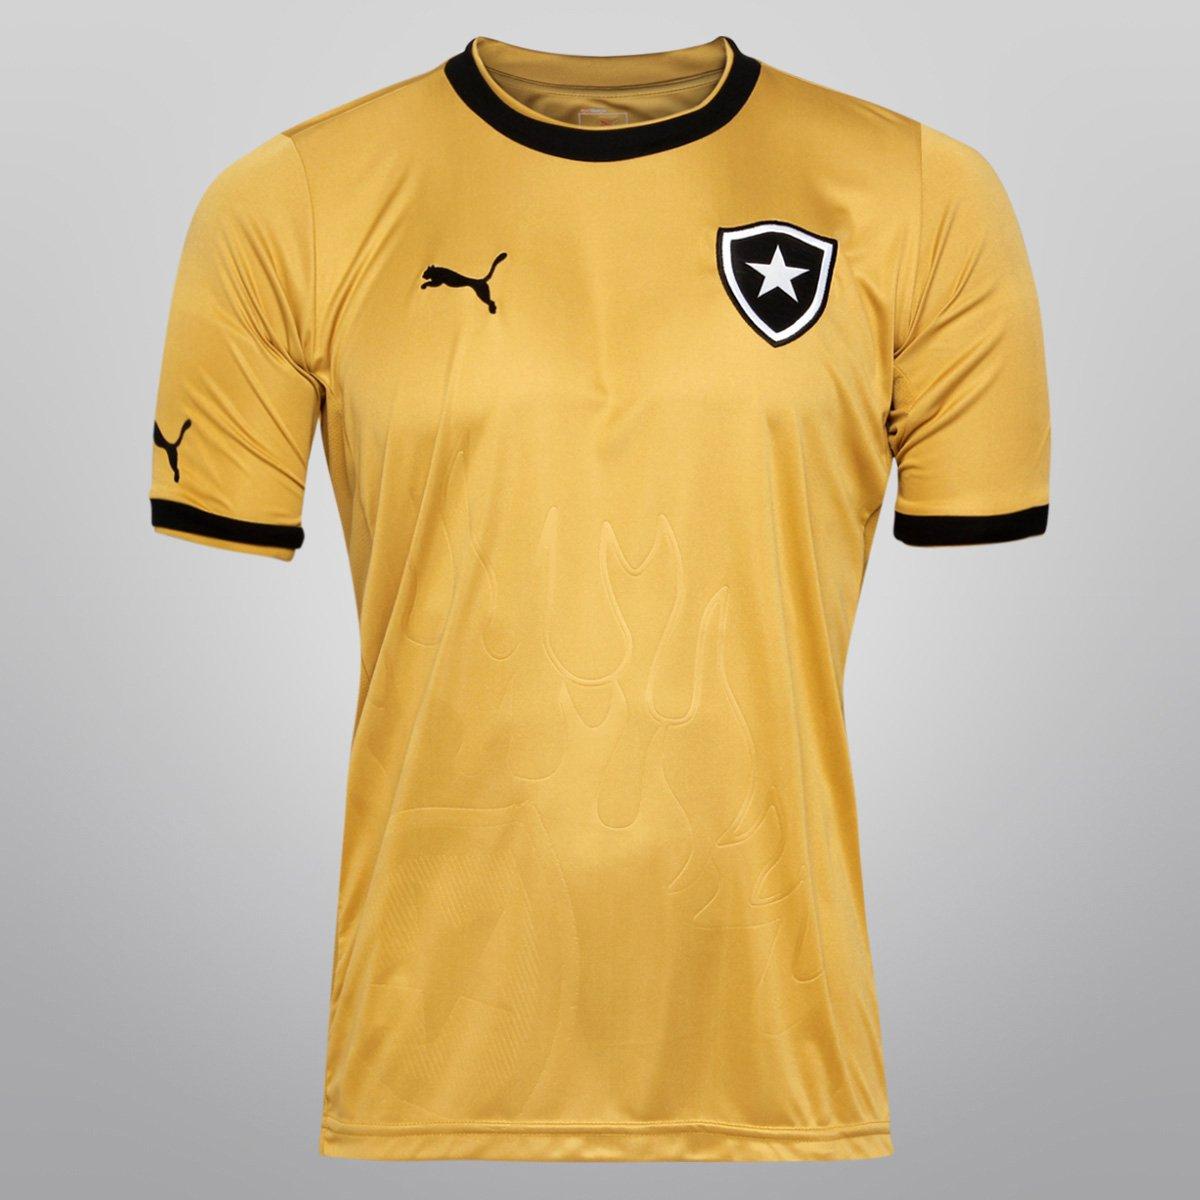 612c400030b50 Camisa Botafogo s nº - Ed. Especial Torcedor Puma Masculina - Compre Agora